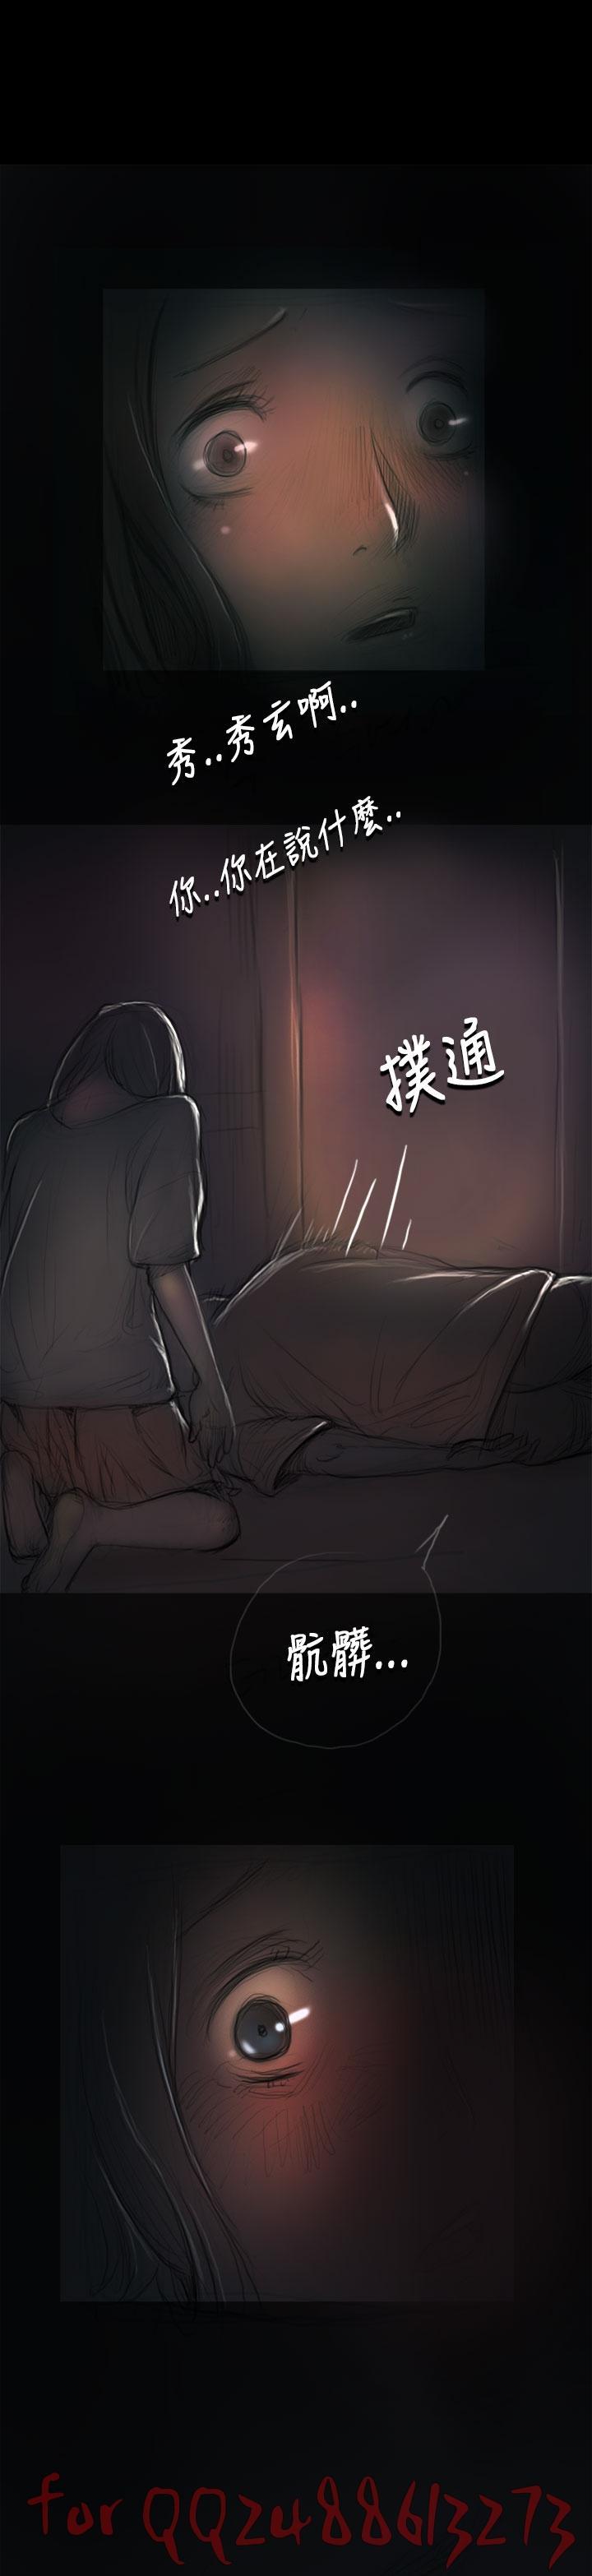 姊姊: 莲 第1~10話 [Chinese]中文 265